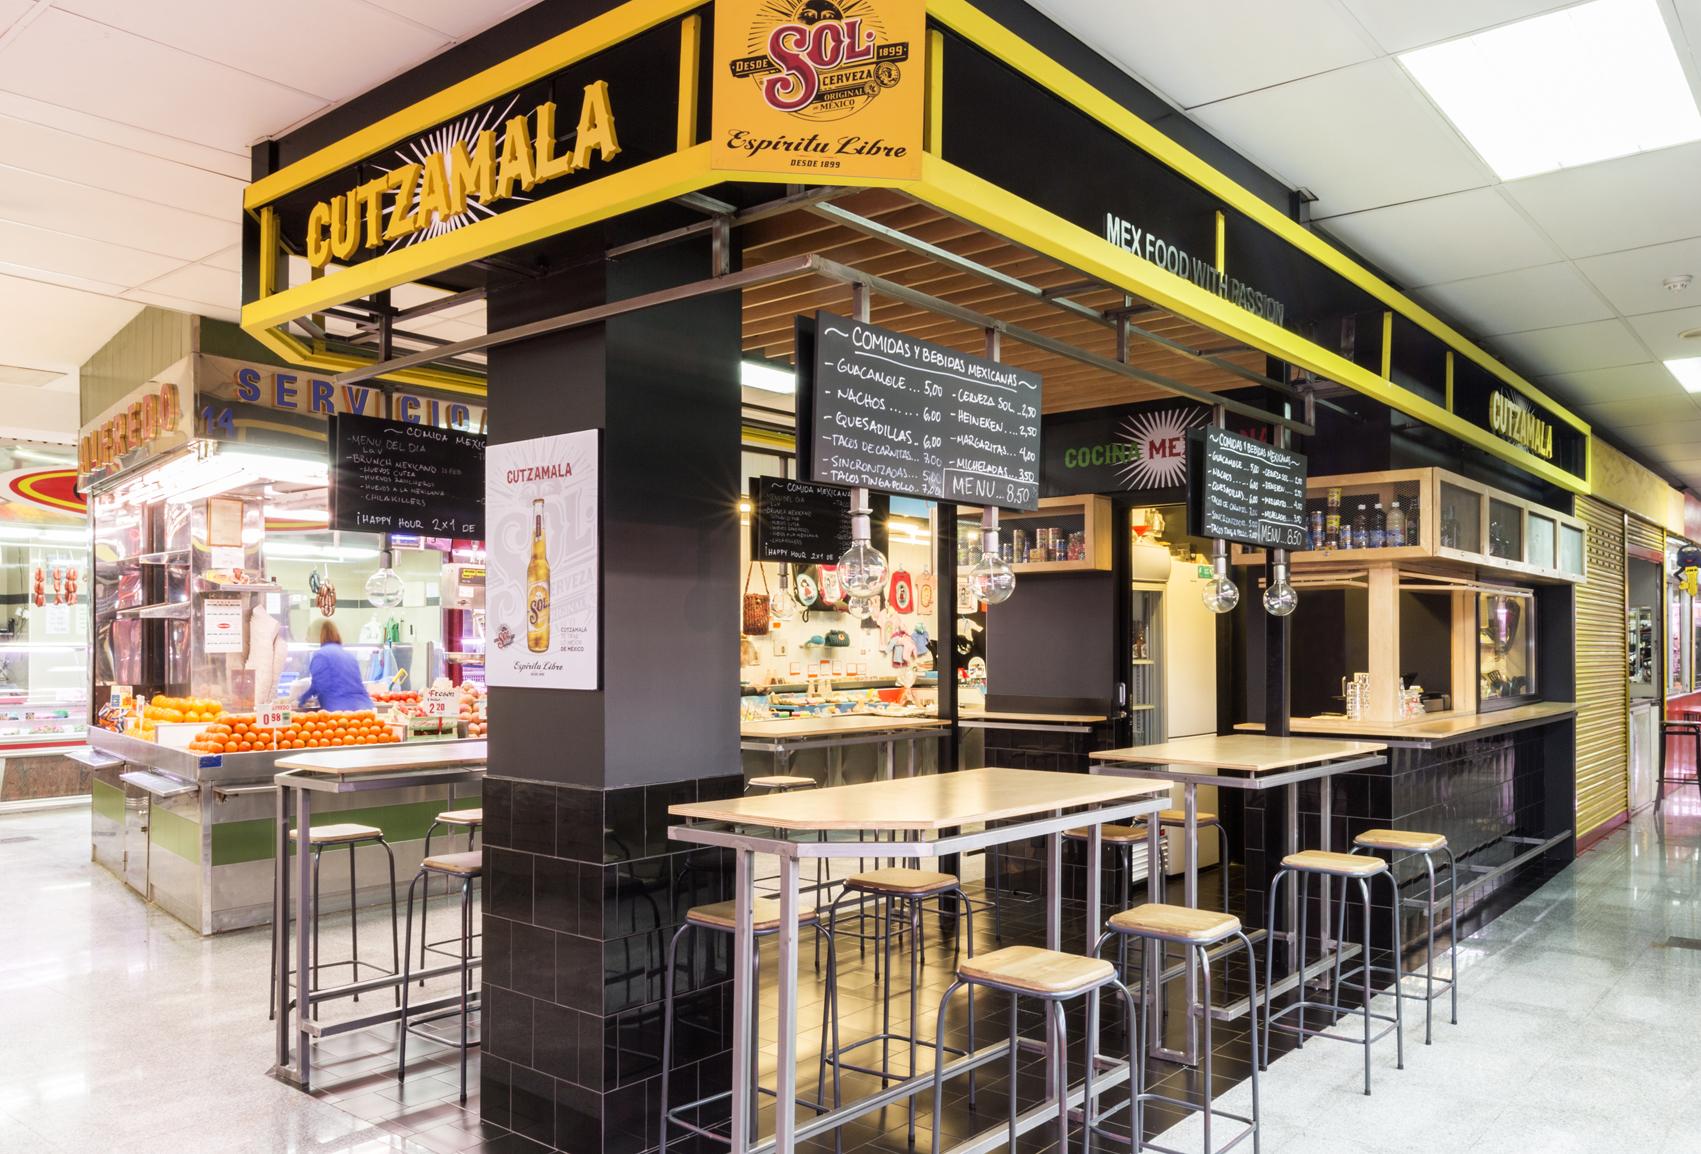 Cutzamala Mex Food, en el Mercado de Antón Martín.